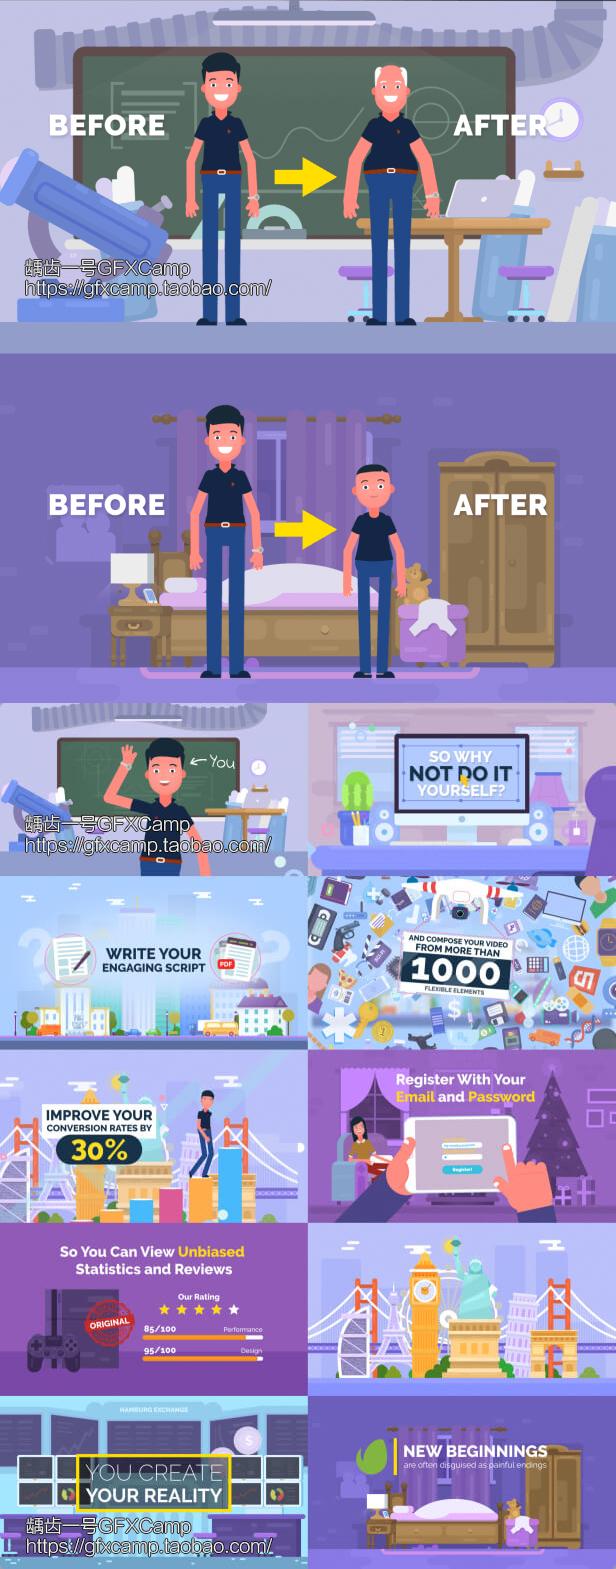 AE模板-卡通人物角色场景商品活动解说介绍MG动画片头